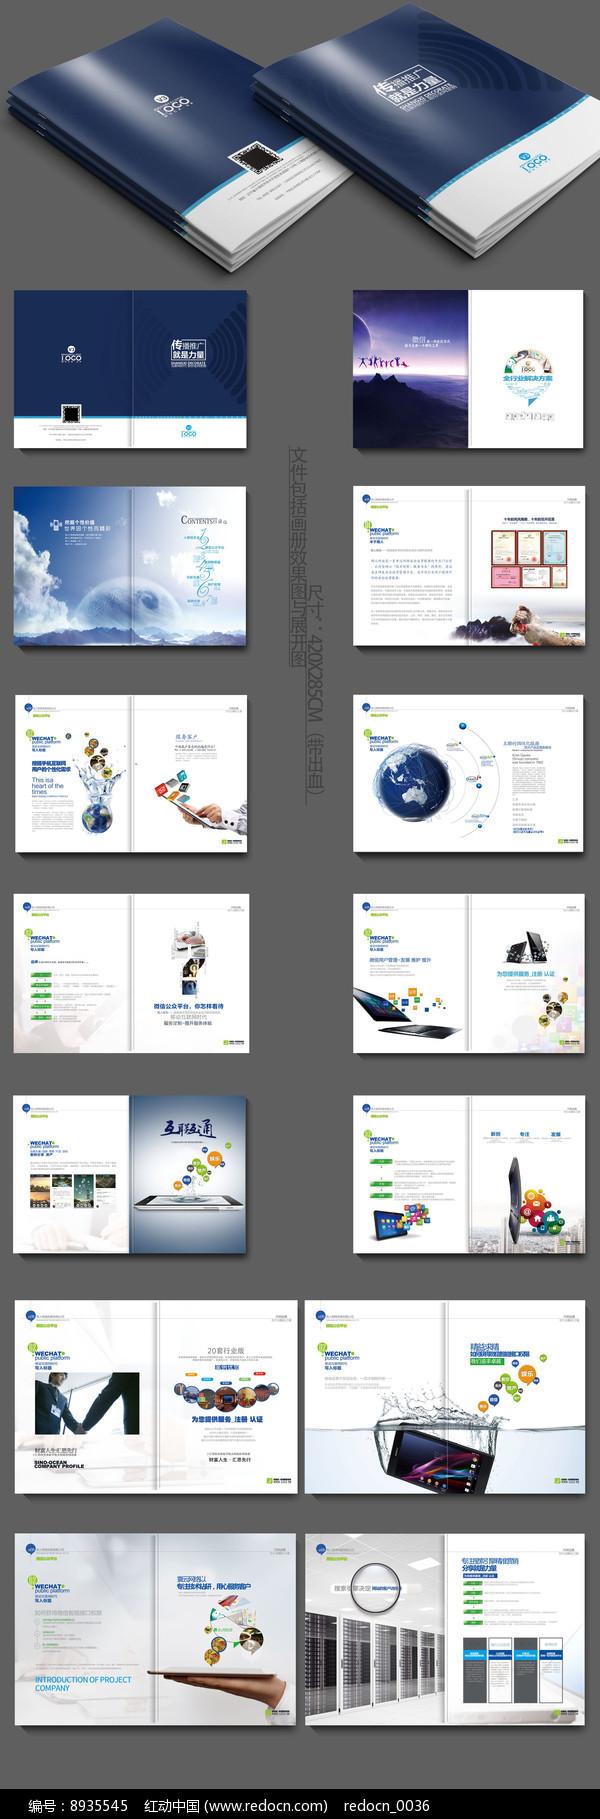 微信互联网画册图片